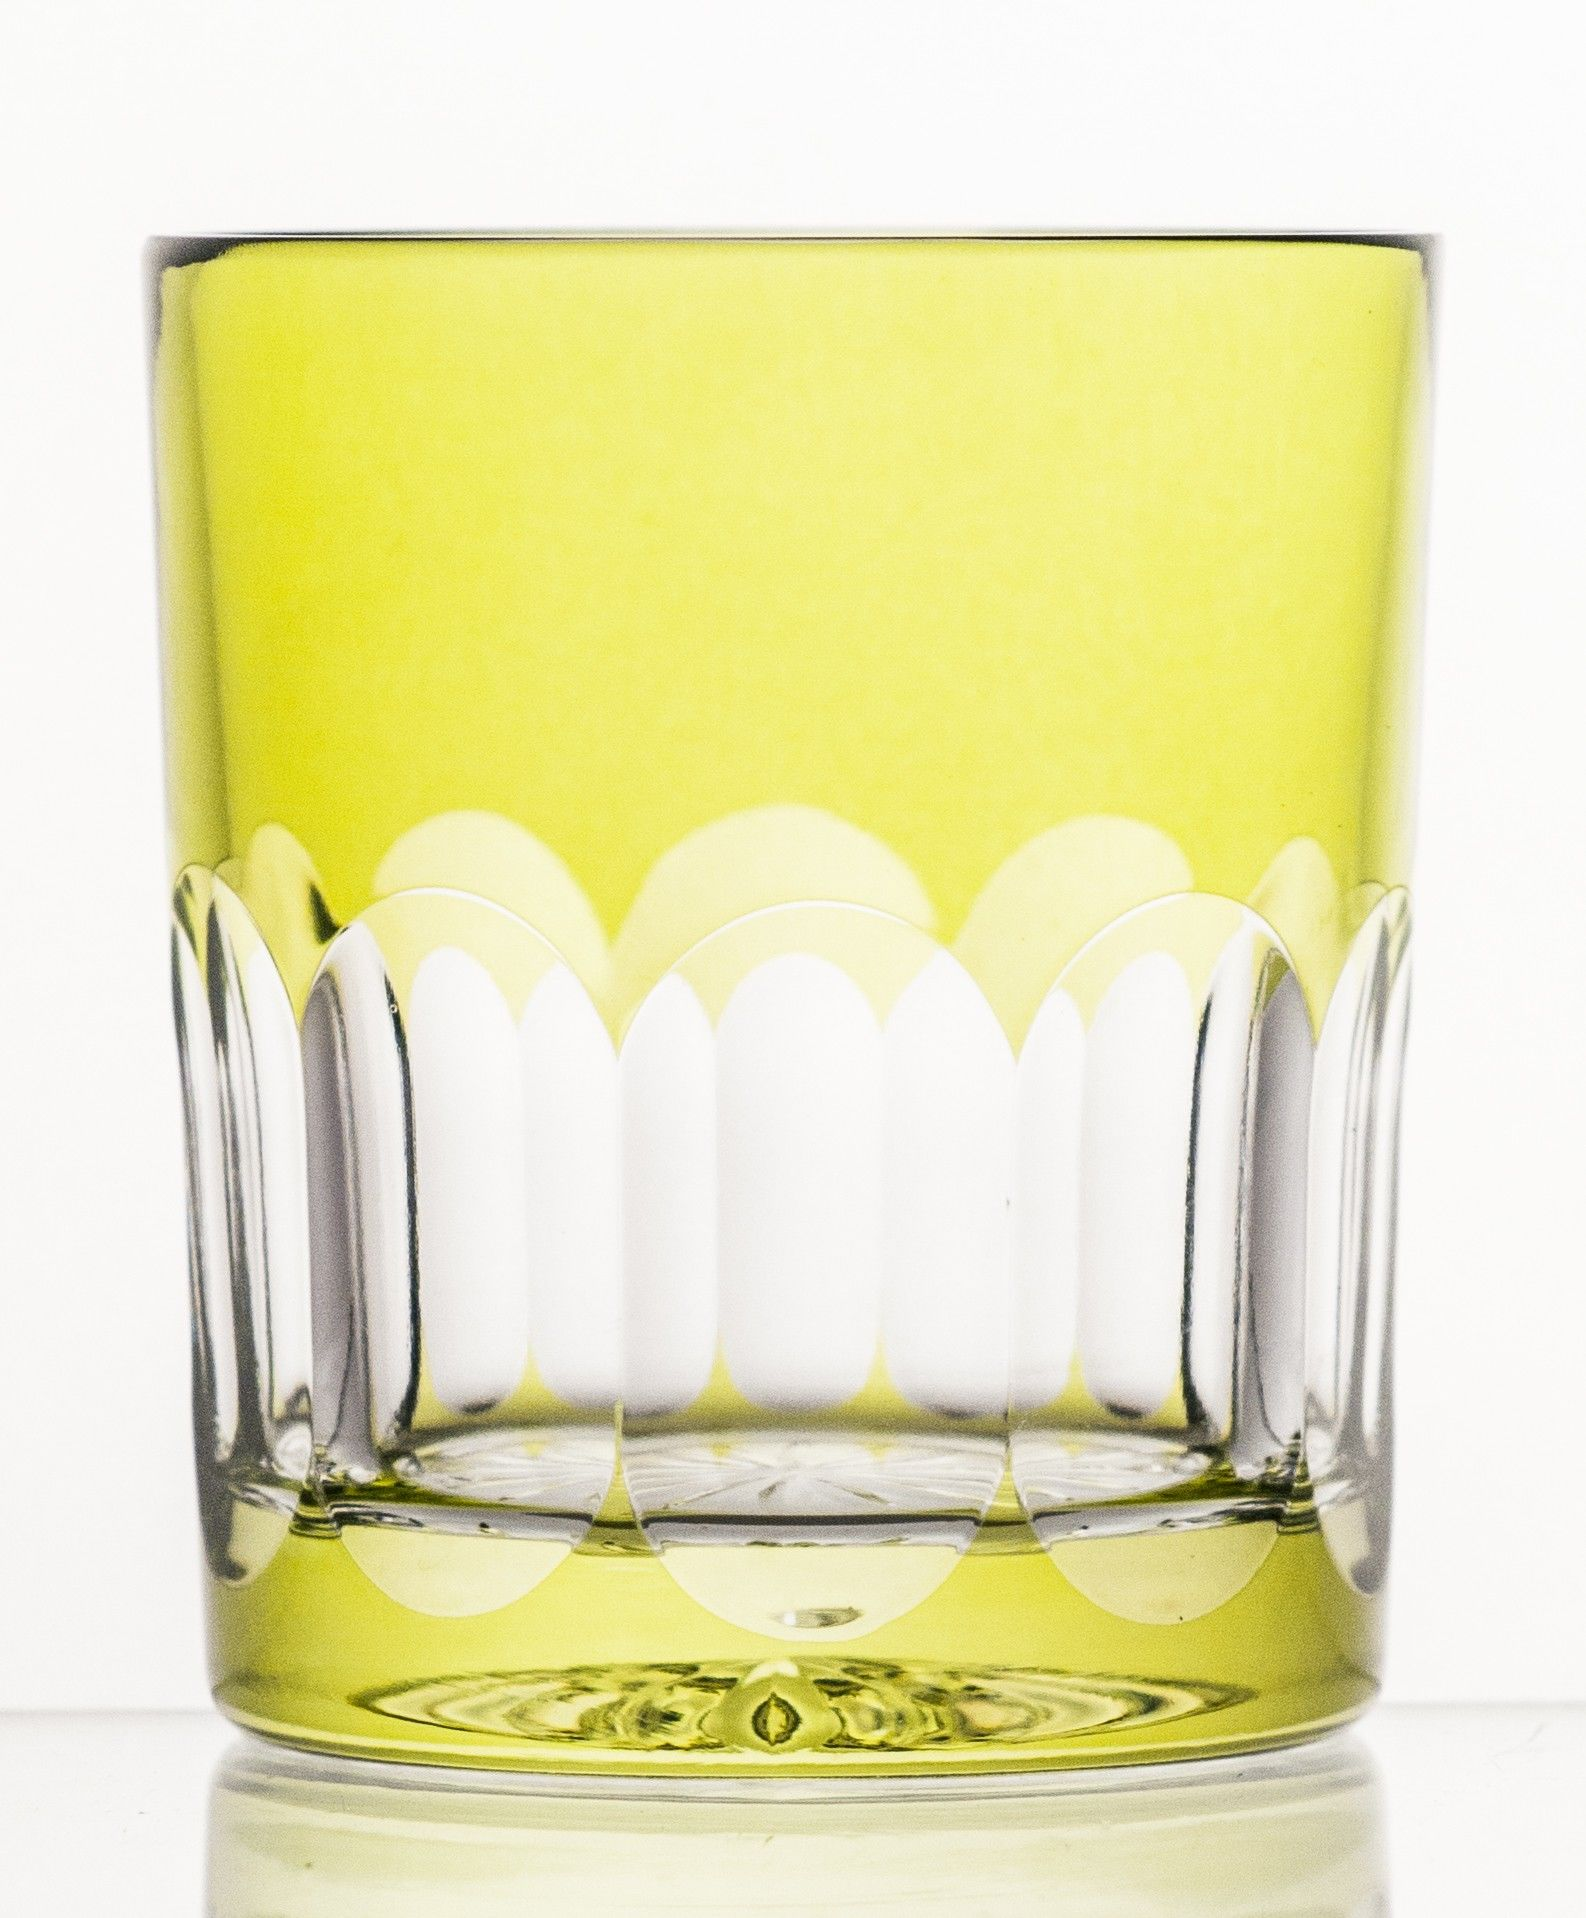 Szklanki kryształowe do whisky 6 sztuk 8306